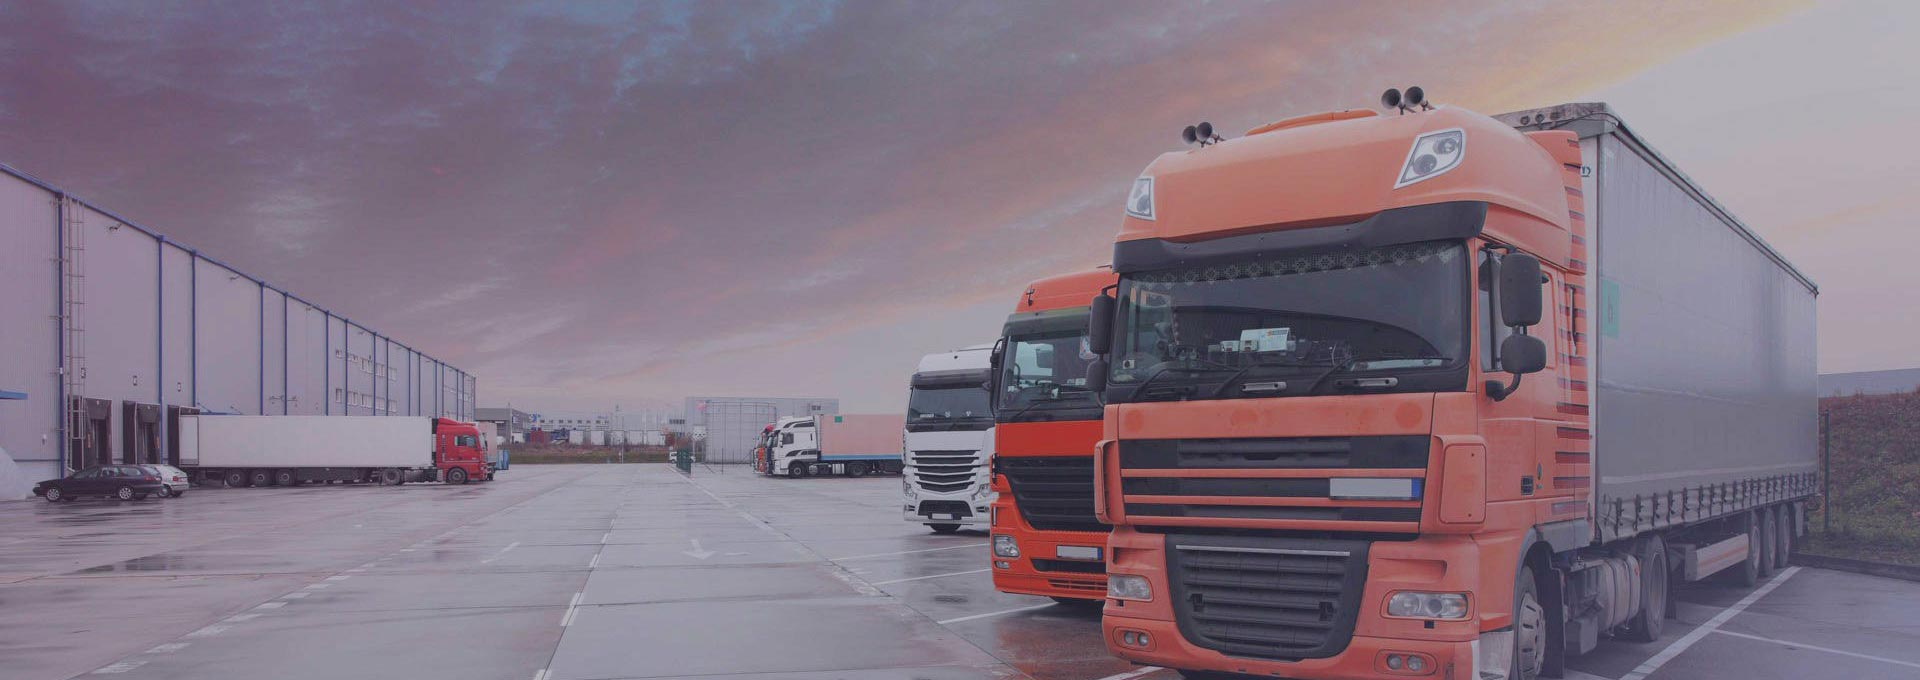 Автоперевозки грузов из Китая